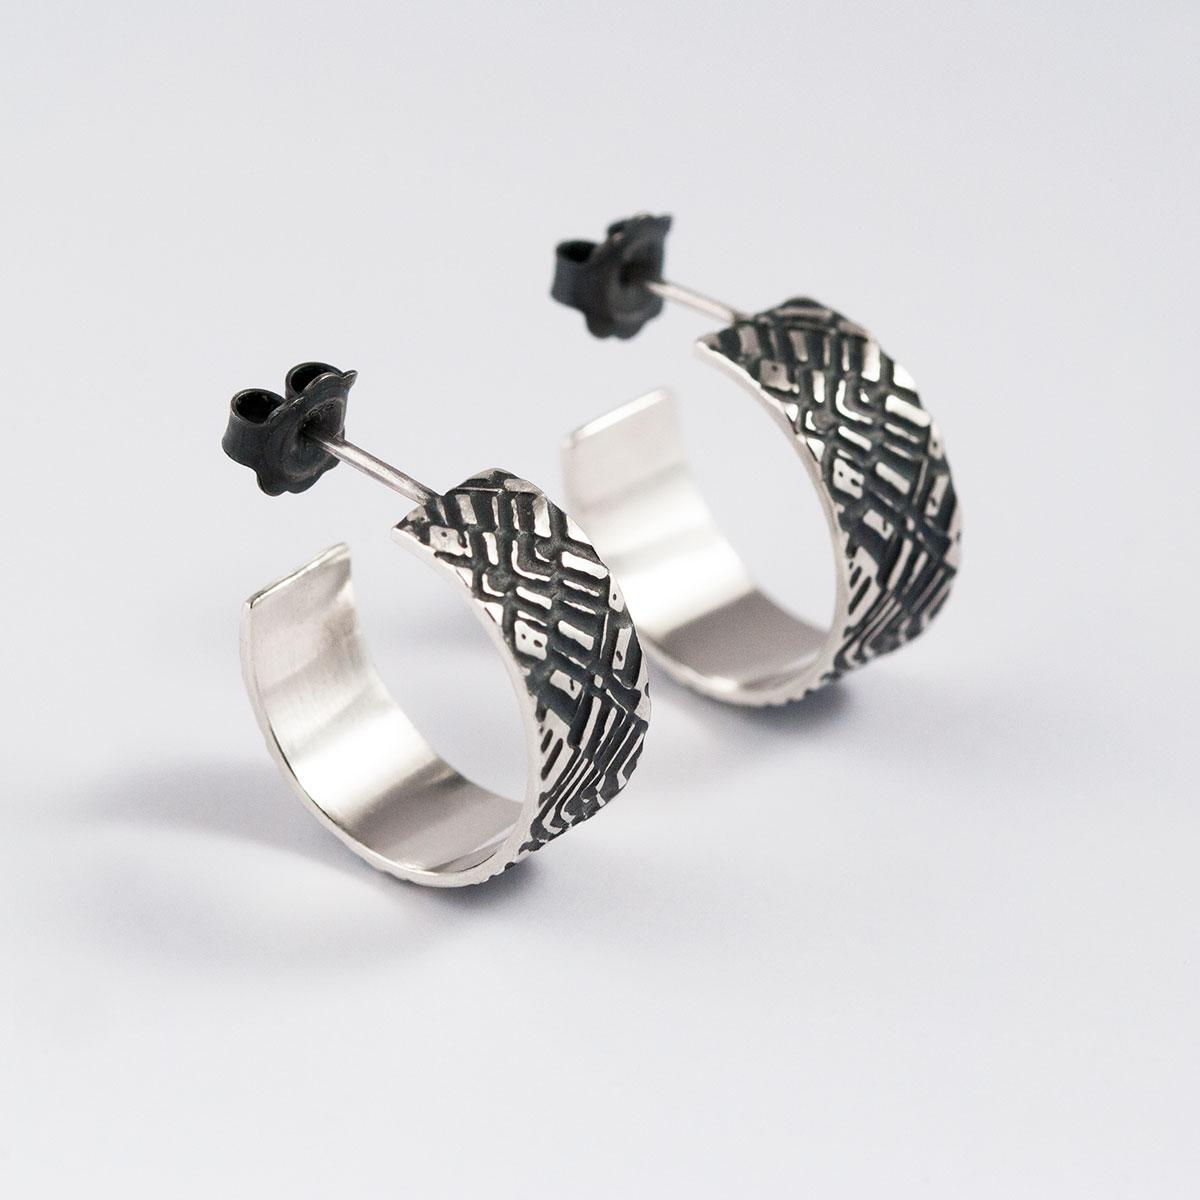 'Weave' Silver and Black Hoop Earrings